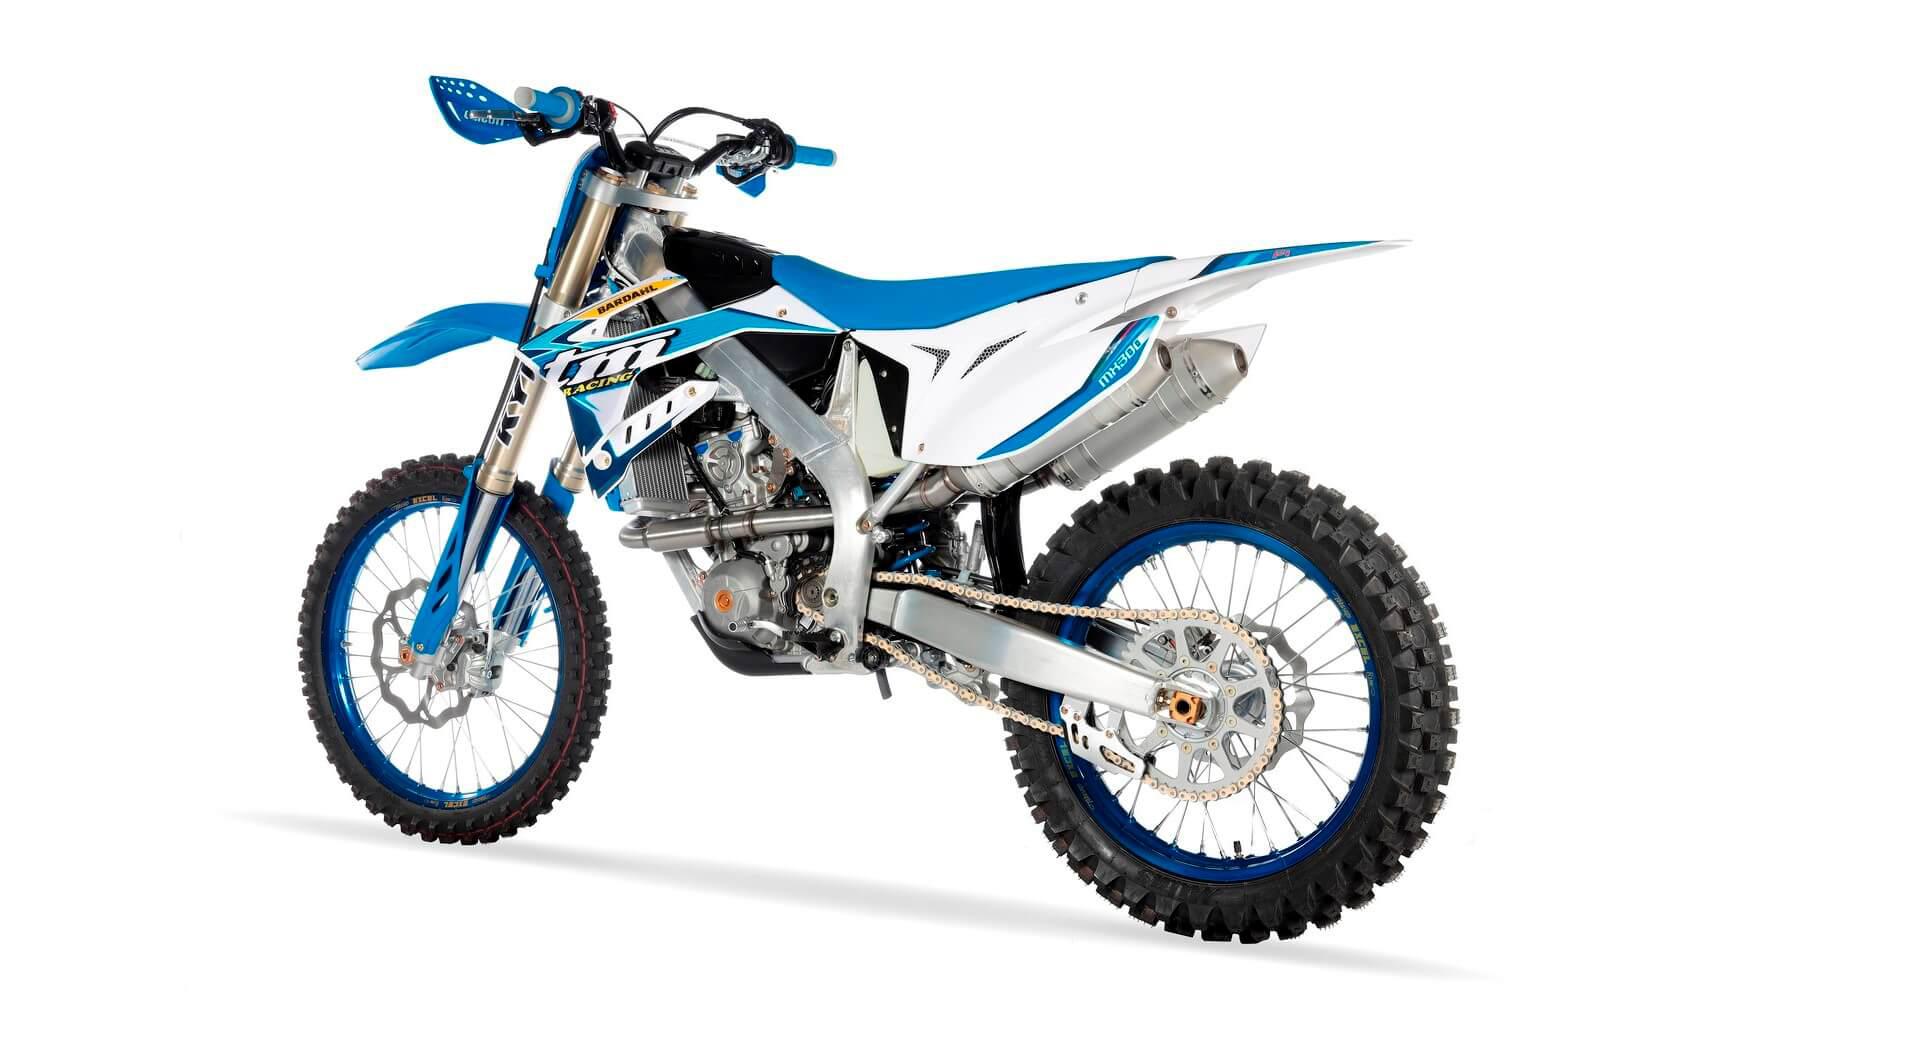 MX 300 Fi 4T 05